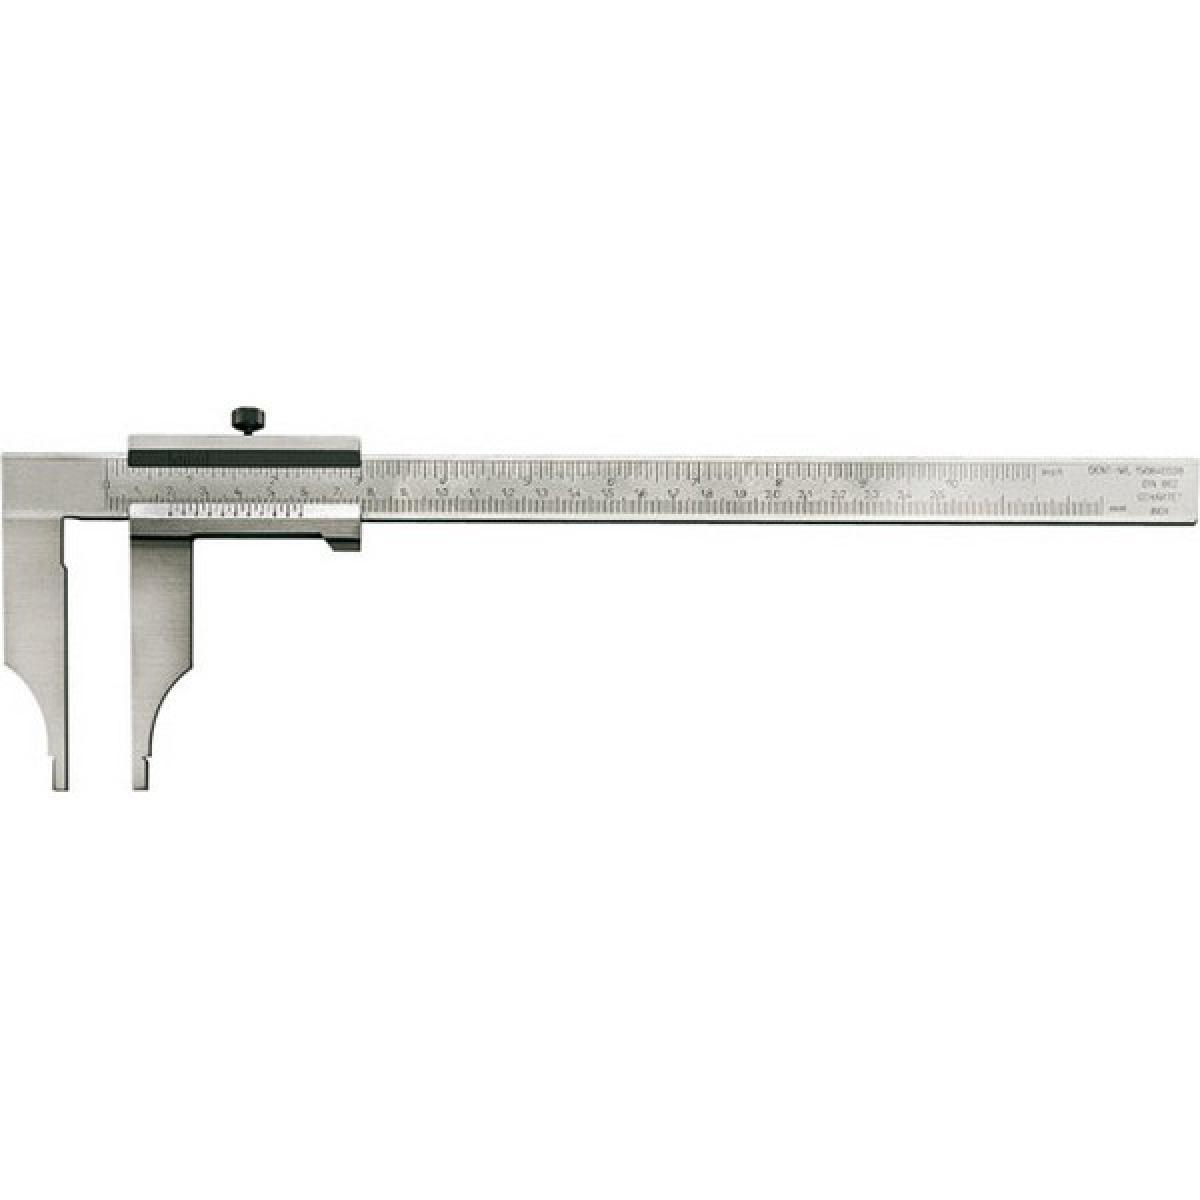 Forum Pied à coulisse d'atelier sans pointes de lames, sans réglage fin, Plage de mesure : 500 mm, Long. des becs 150 mm